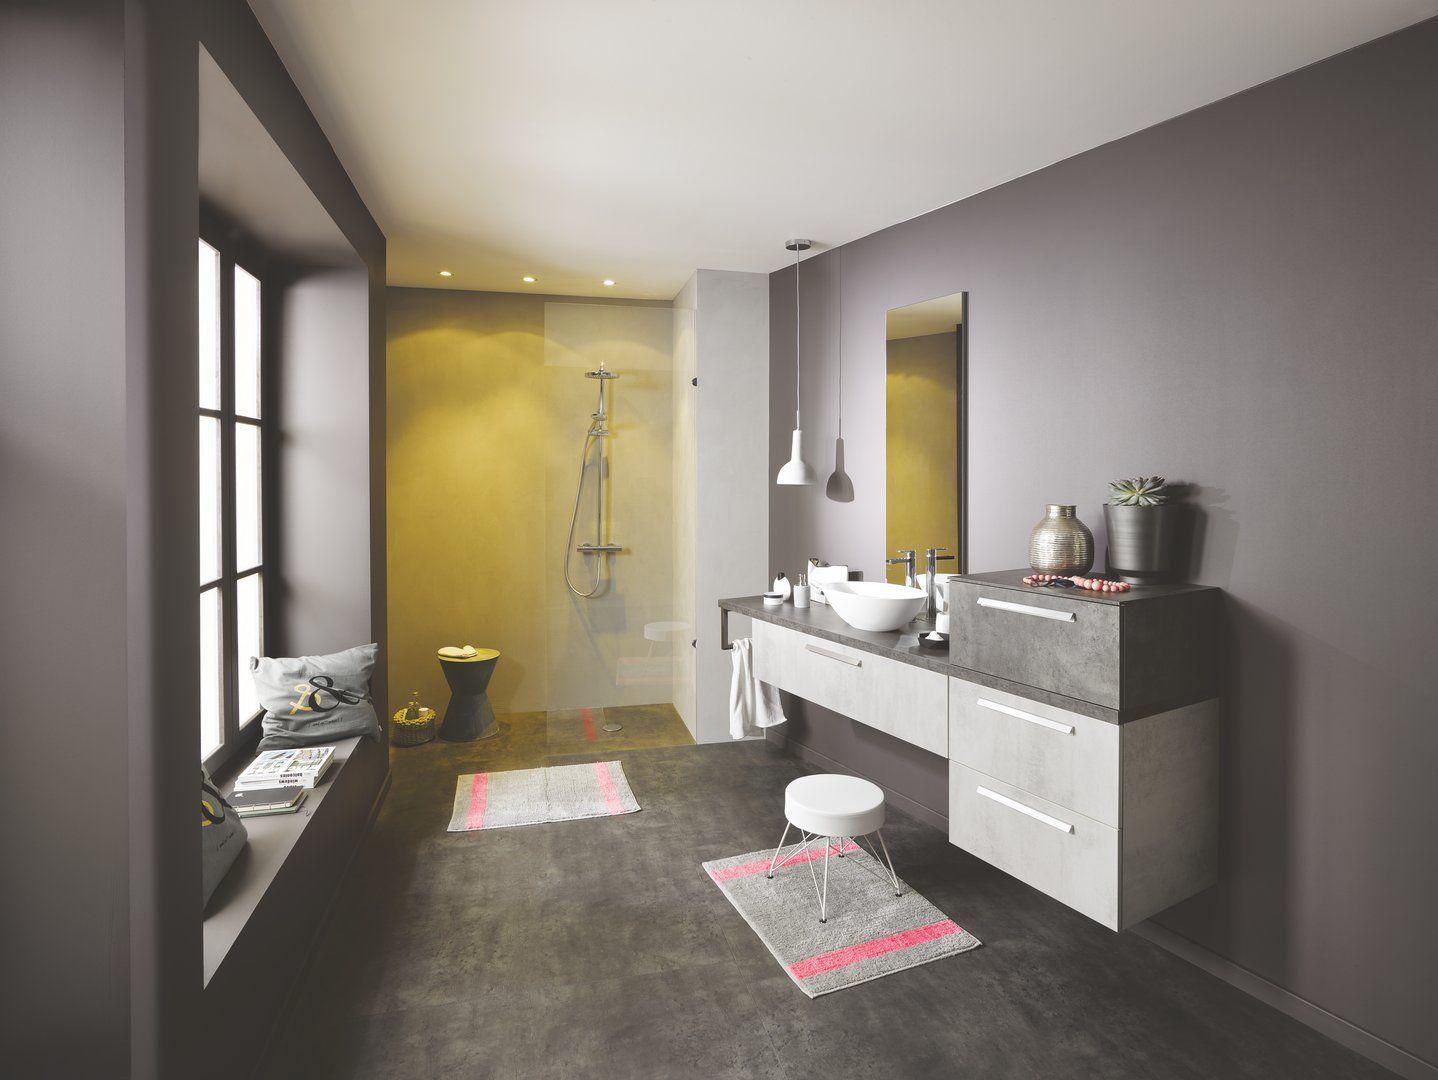 Meuble Salle De Bain Double Vasque Effet Beton ~ salle de bains label b ton clair b ton fonc le meuble sous